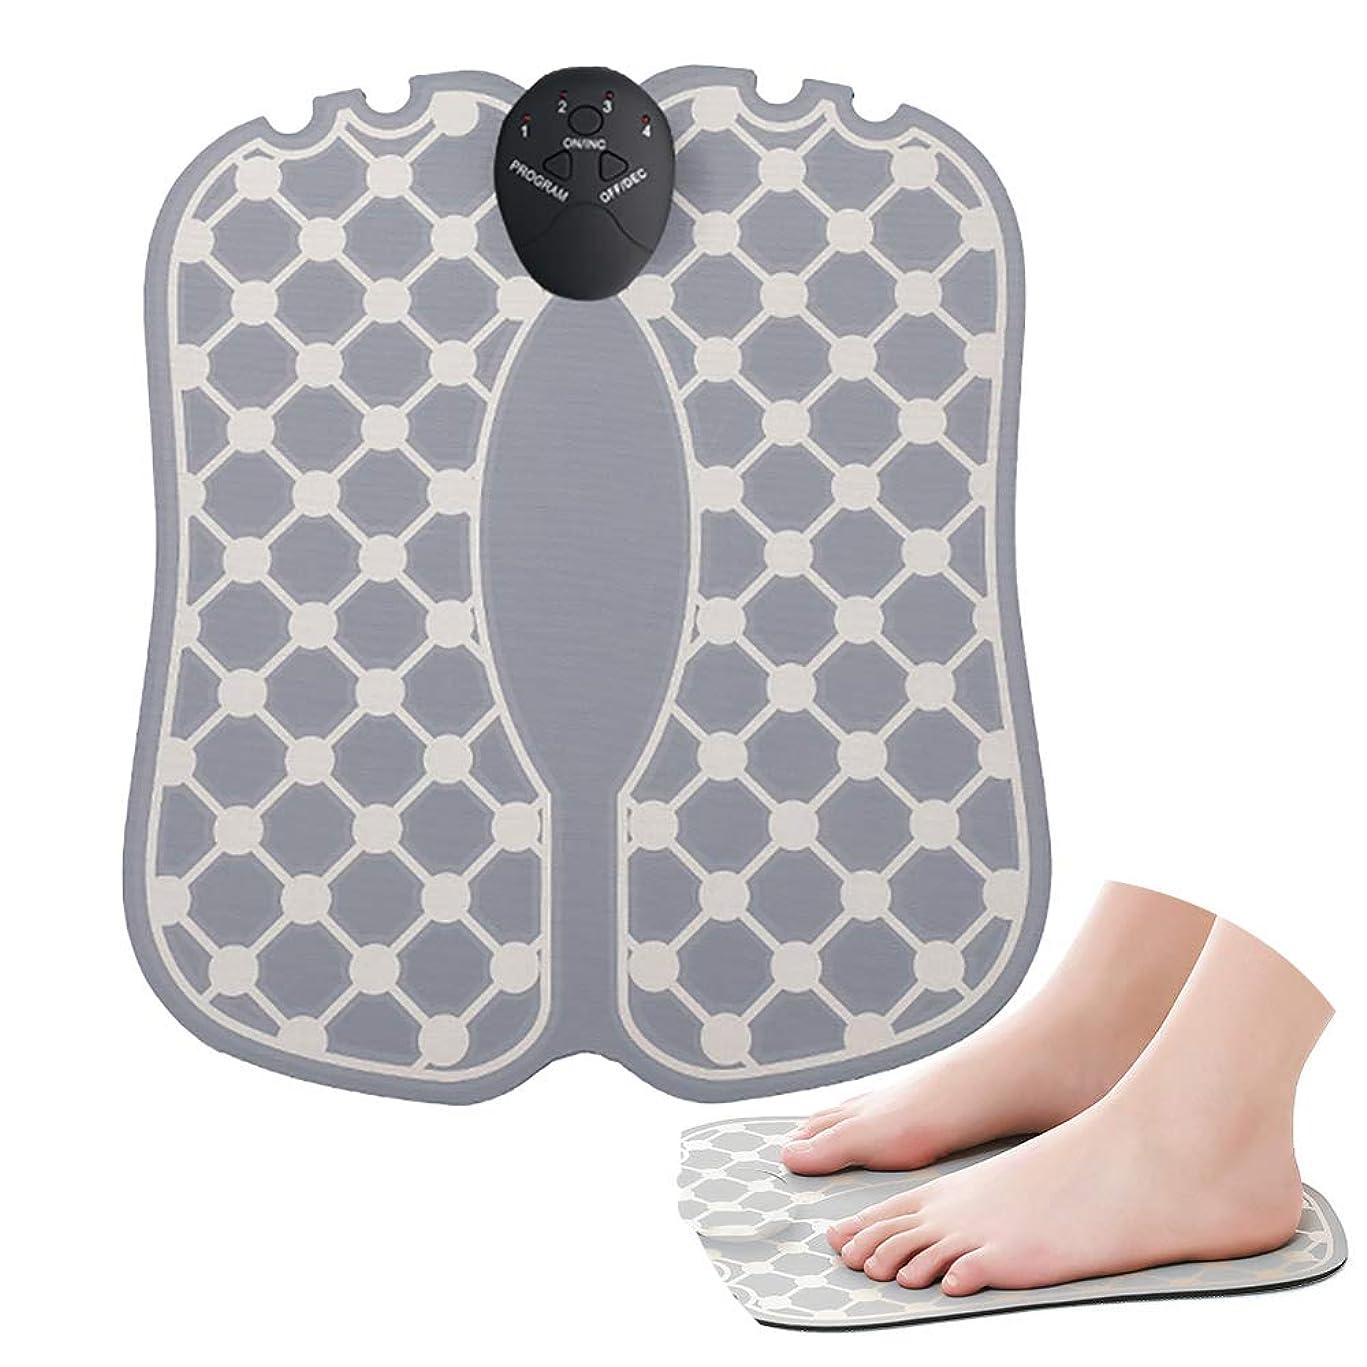 姪楽なベーカリー足のマッサージトマッサージャーフットマッサージャーEMSの減圧は深いティッシュ、足の器械が付いている苦痛の足を緩めます